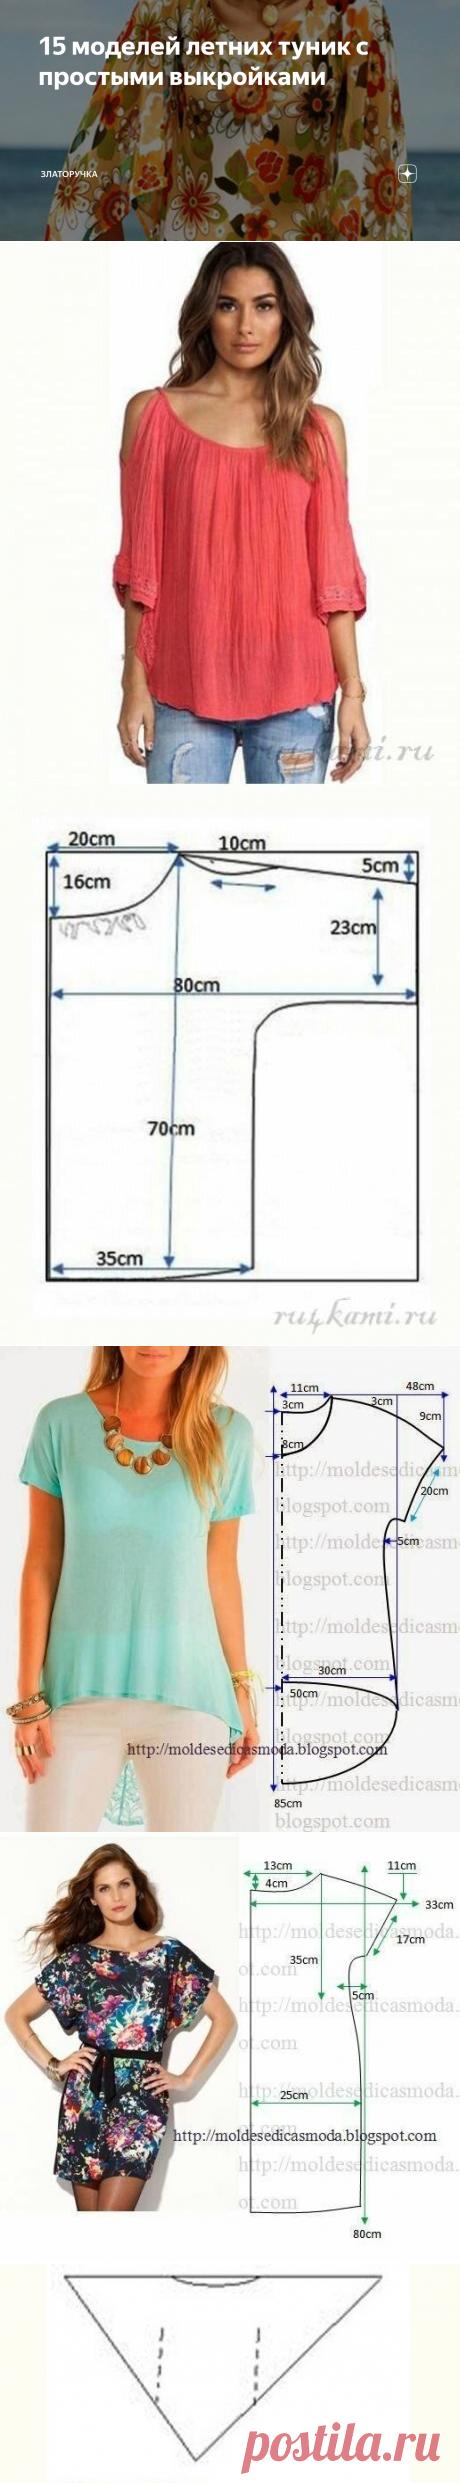 15 моделей летних туник с простыми выкройками | Златоручка | Яндекс Дзен